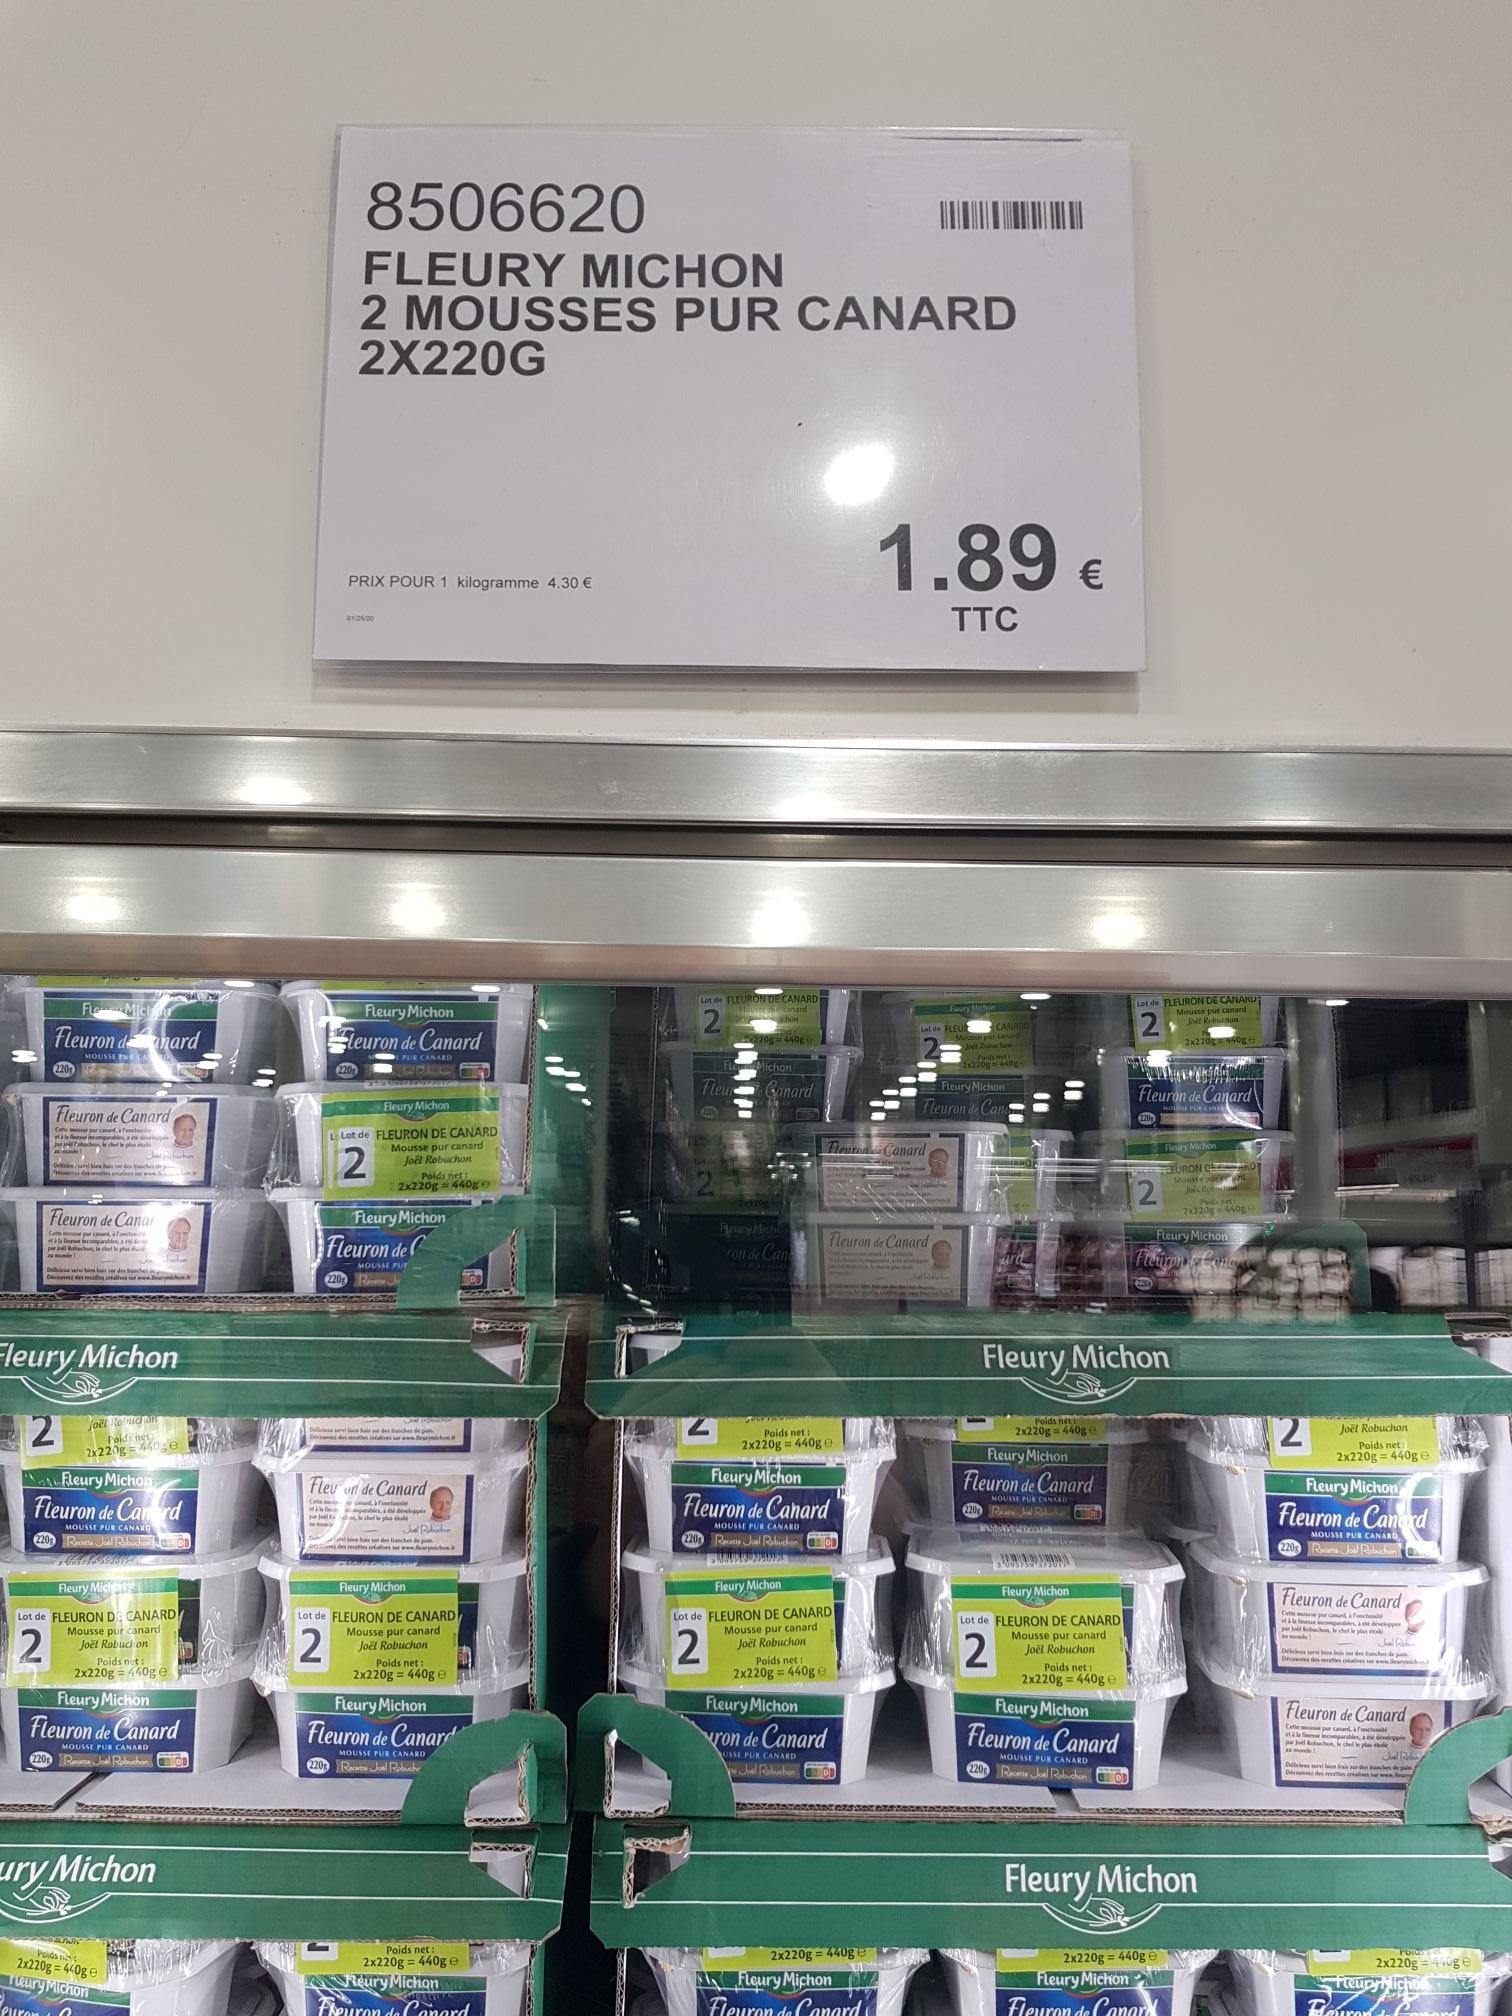 Lot de 2 boîtes de mousse de canard Fleury Michon (2 x 220g) - Les Ulis (91)